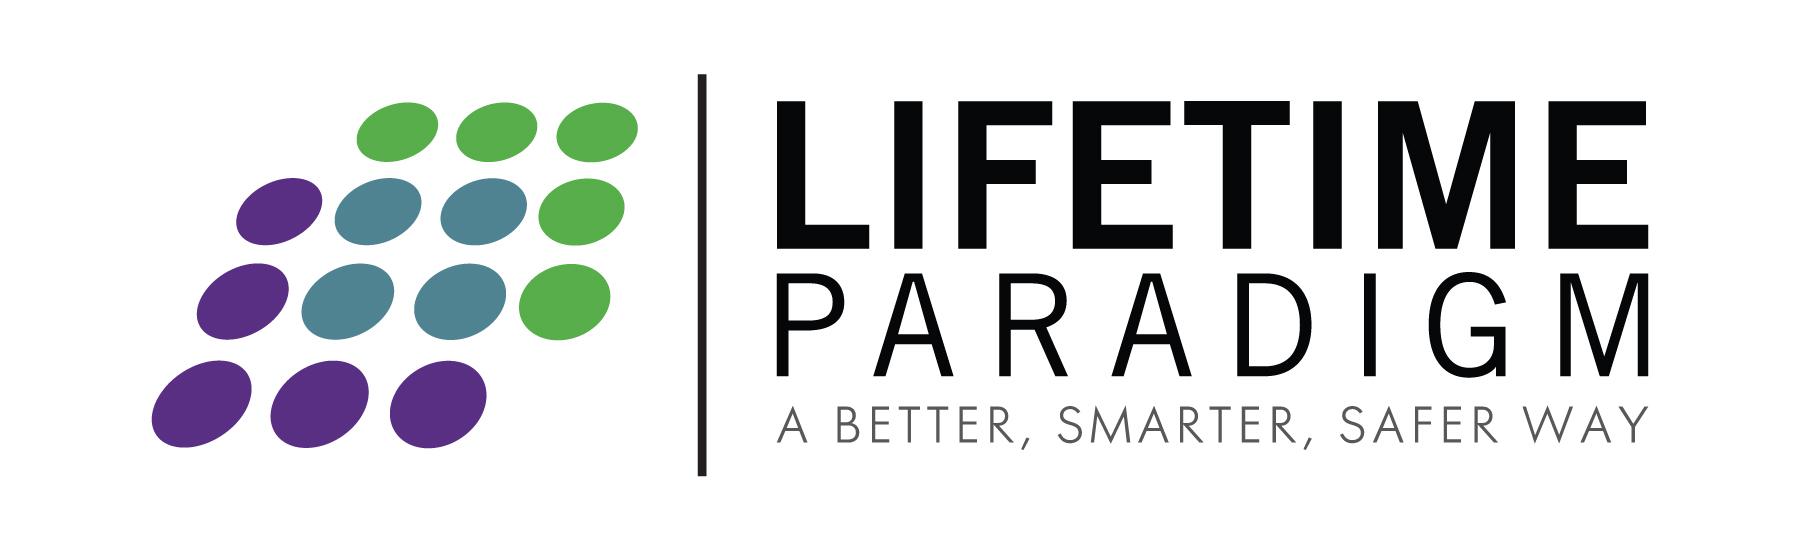 Lifetime Paradigm